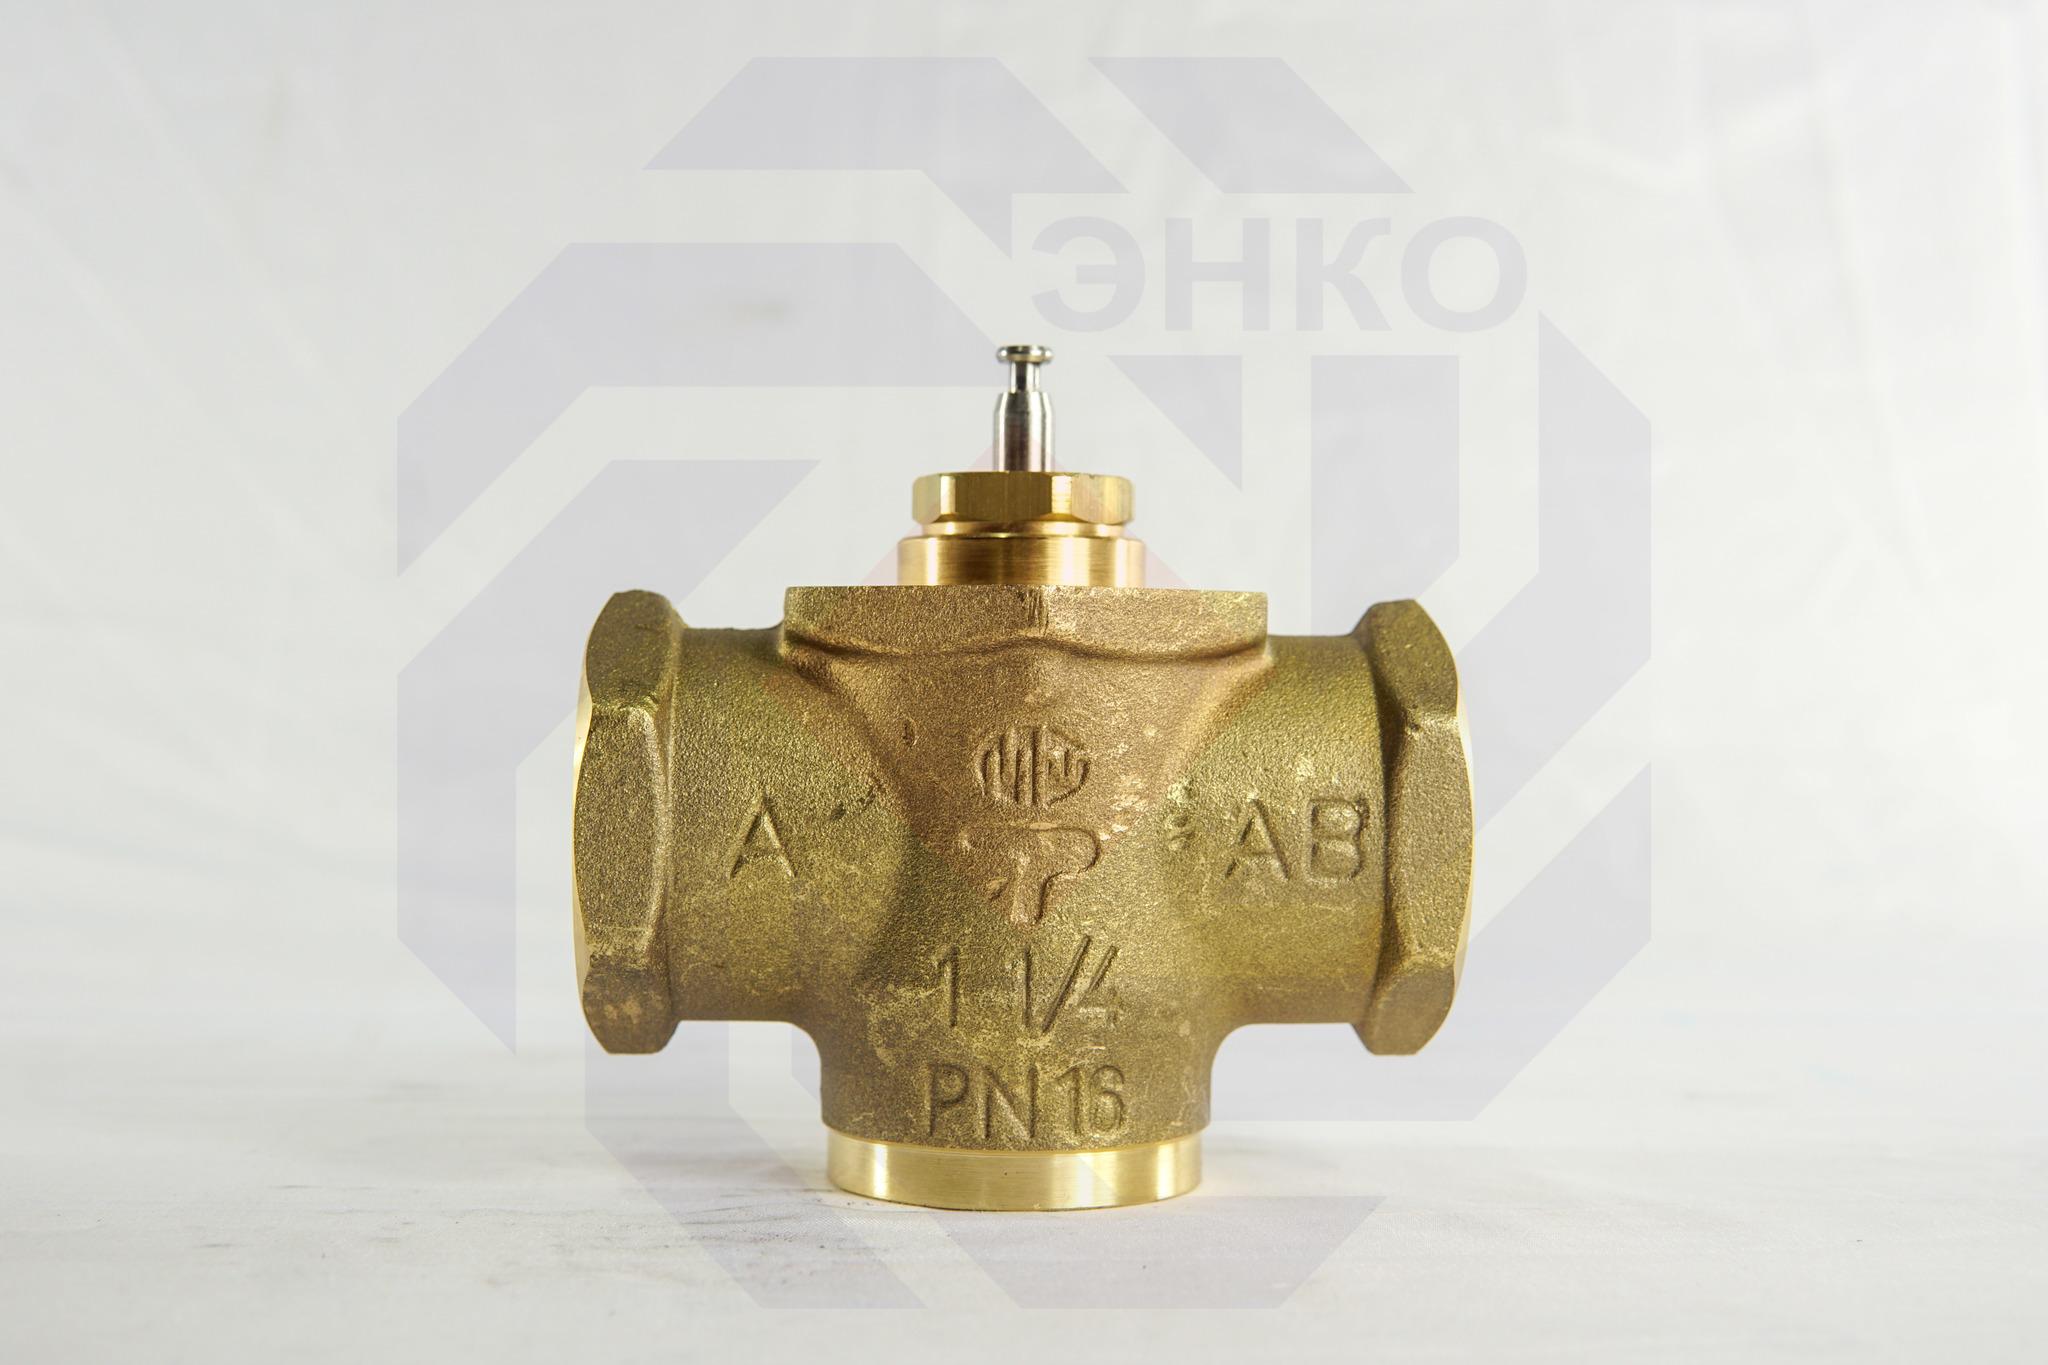 Клапан регулирующий двухходовой MUT MK DN 32